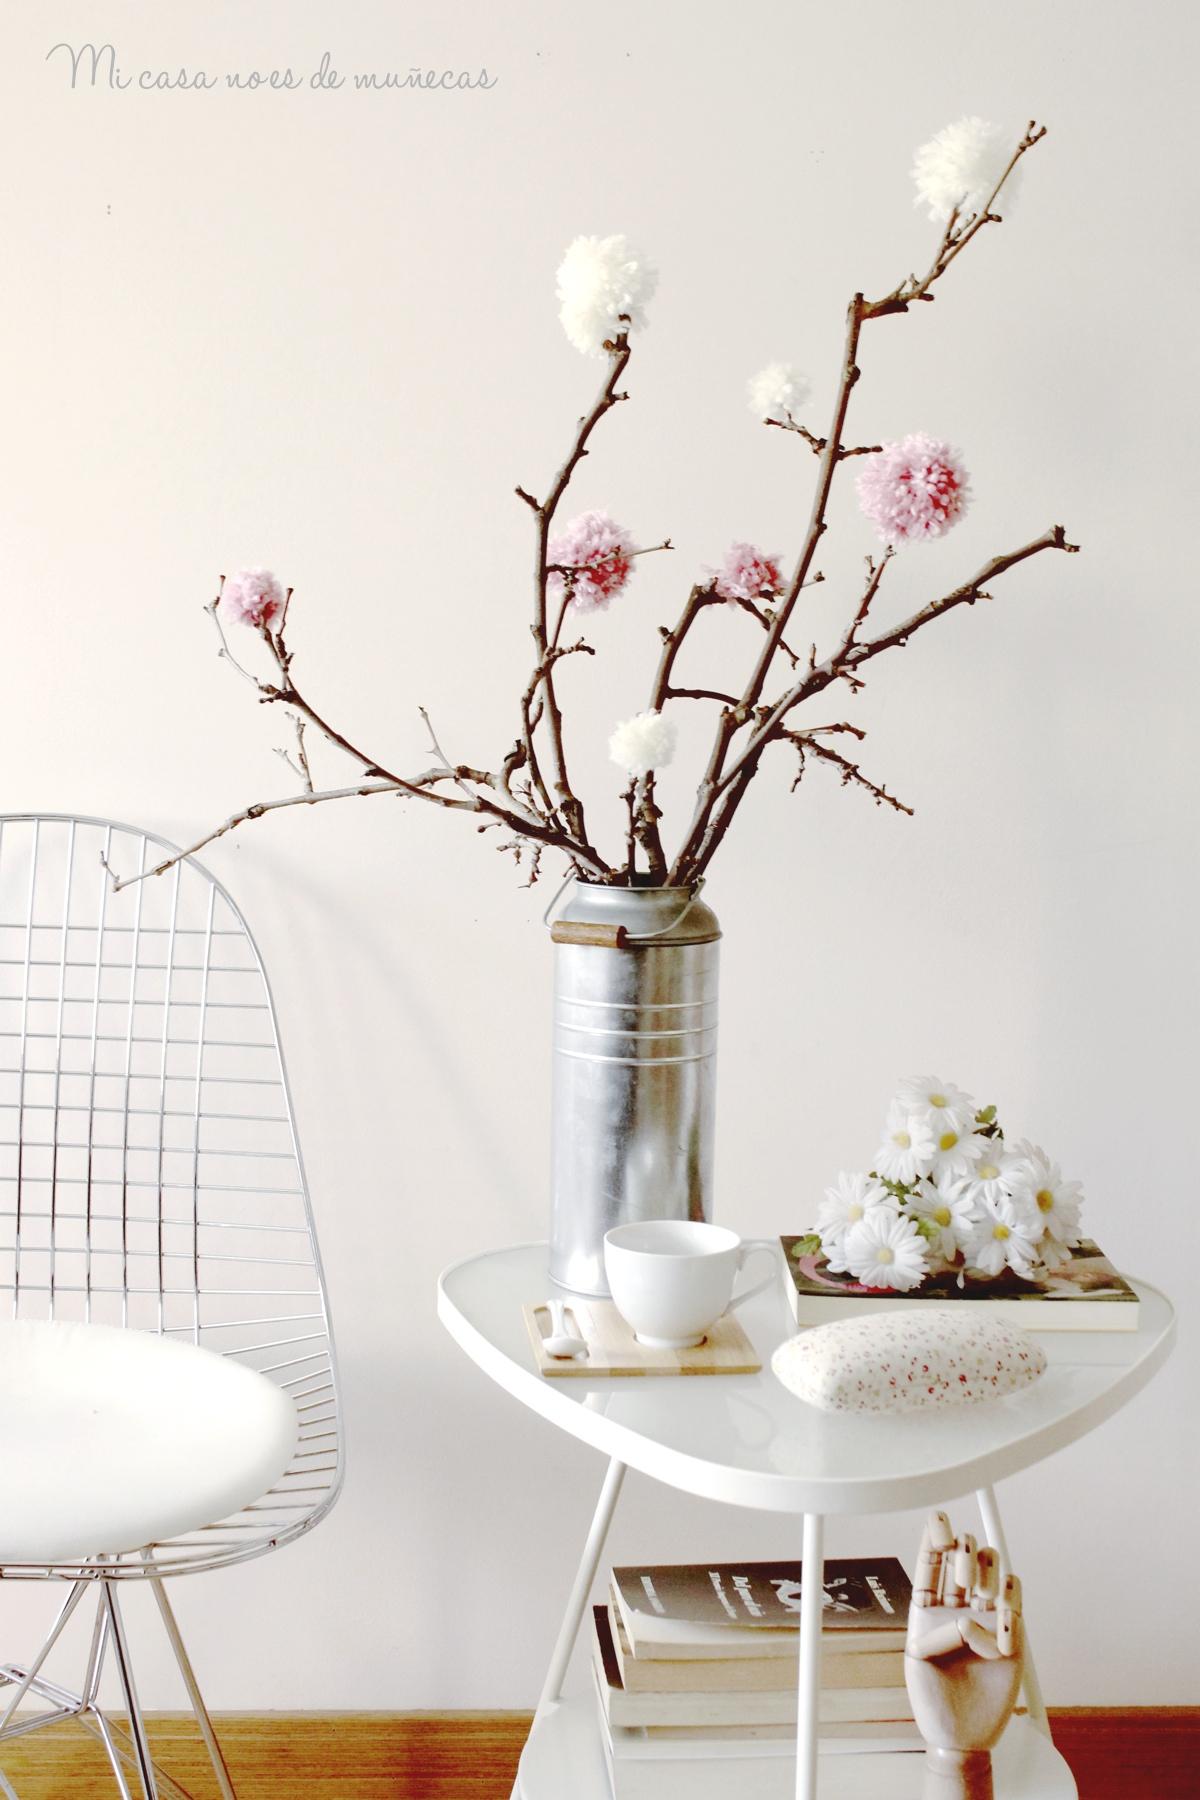 Arbol de ramas y pompones 03